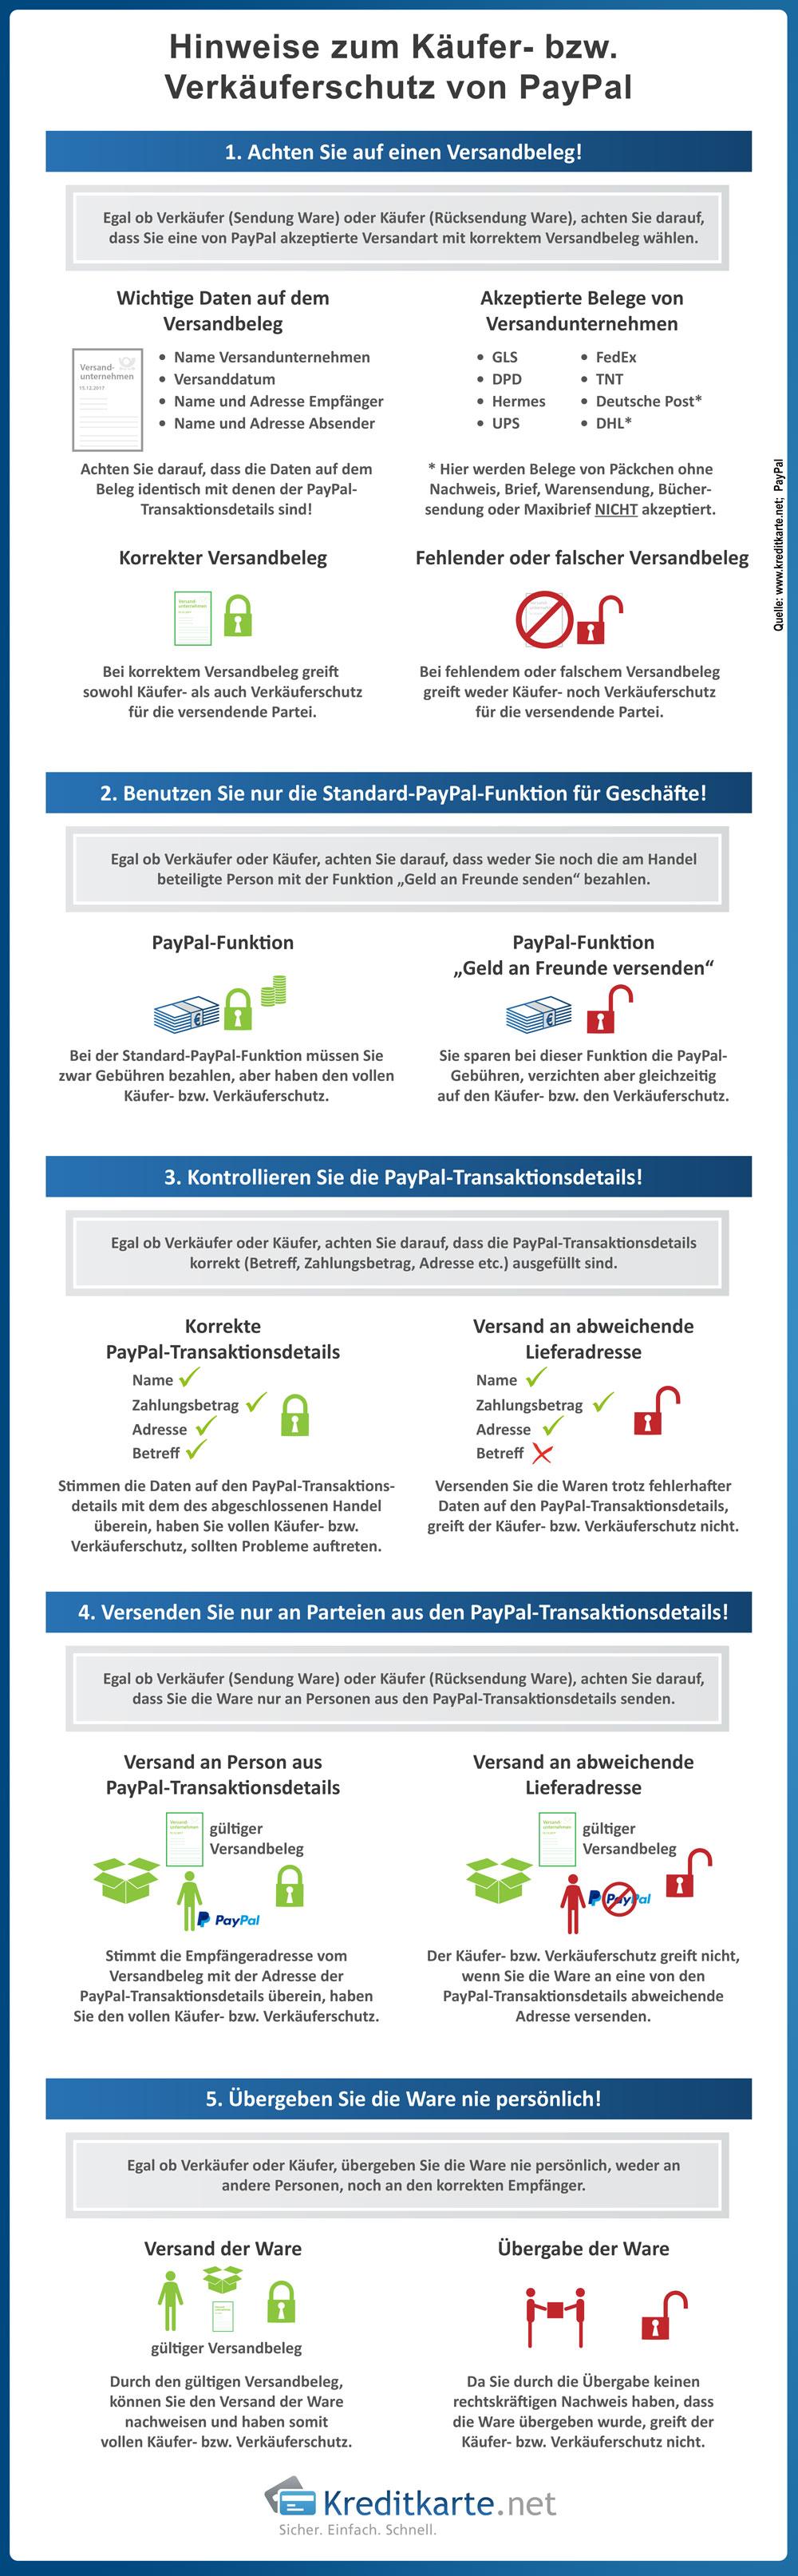 Worauf Sie achten müssen damit der Käufer- bzw. der Verkäuferschutz von PayPal greift und Sie nicht auf Kosten sitzen bleiben